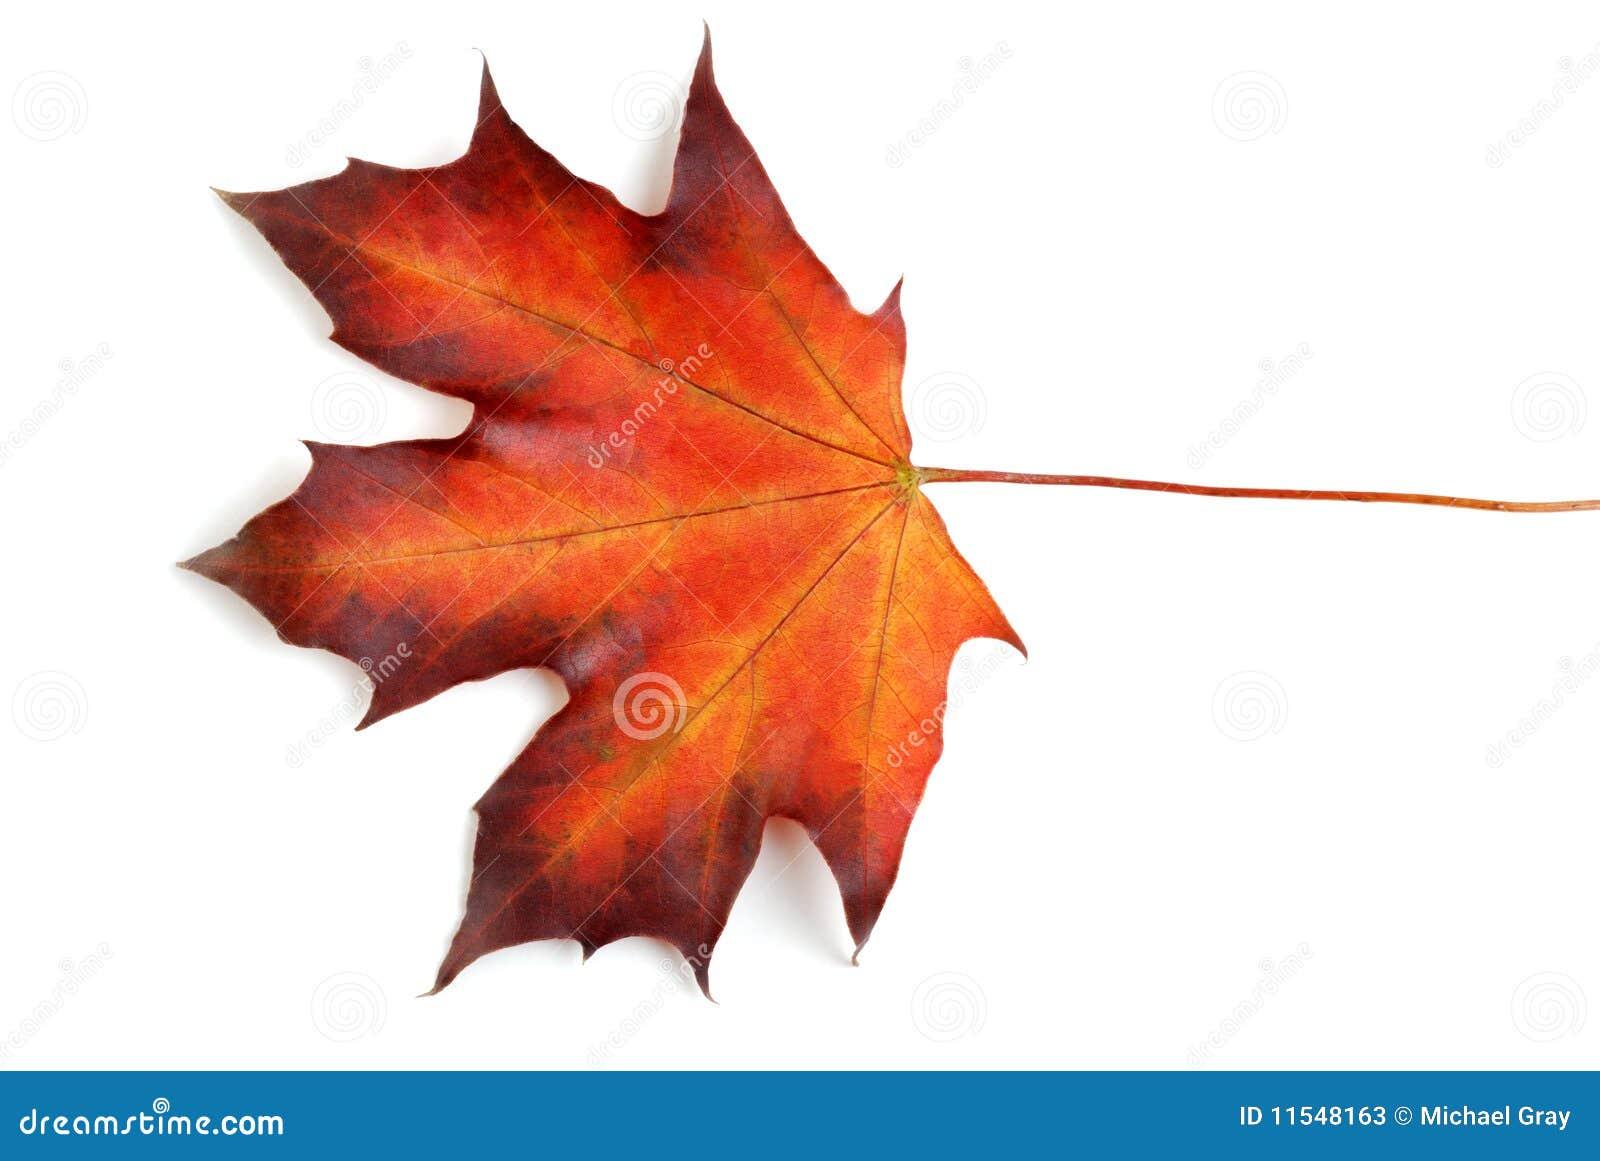 Foglia di acero canadese in autunno immagine stock for Foglia acero